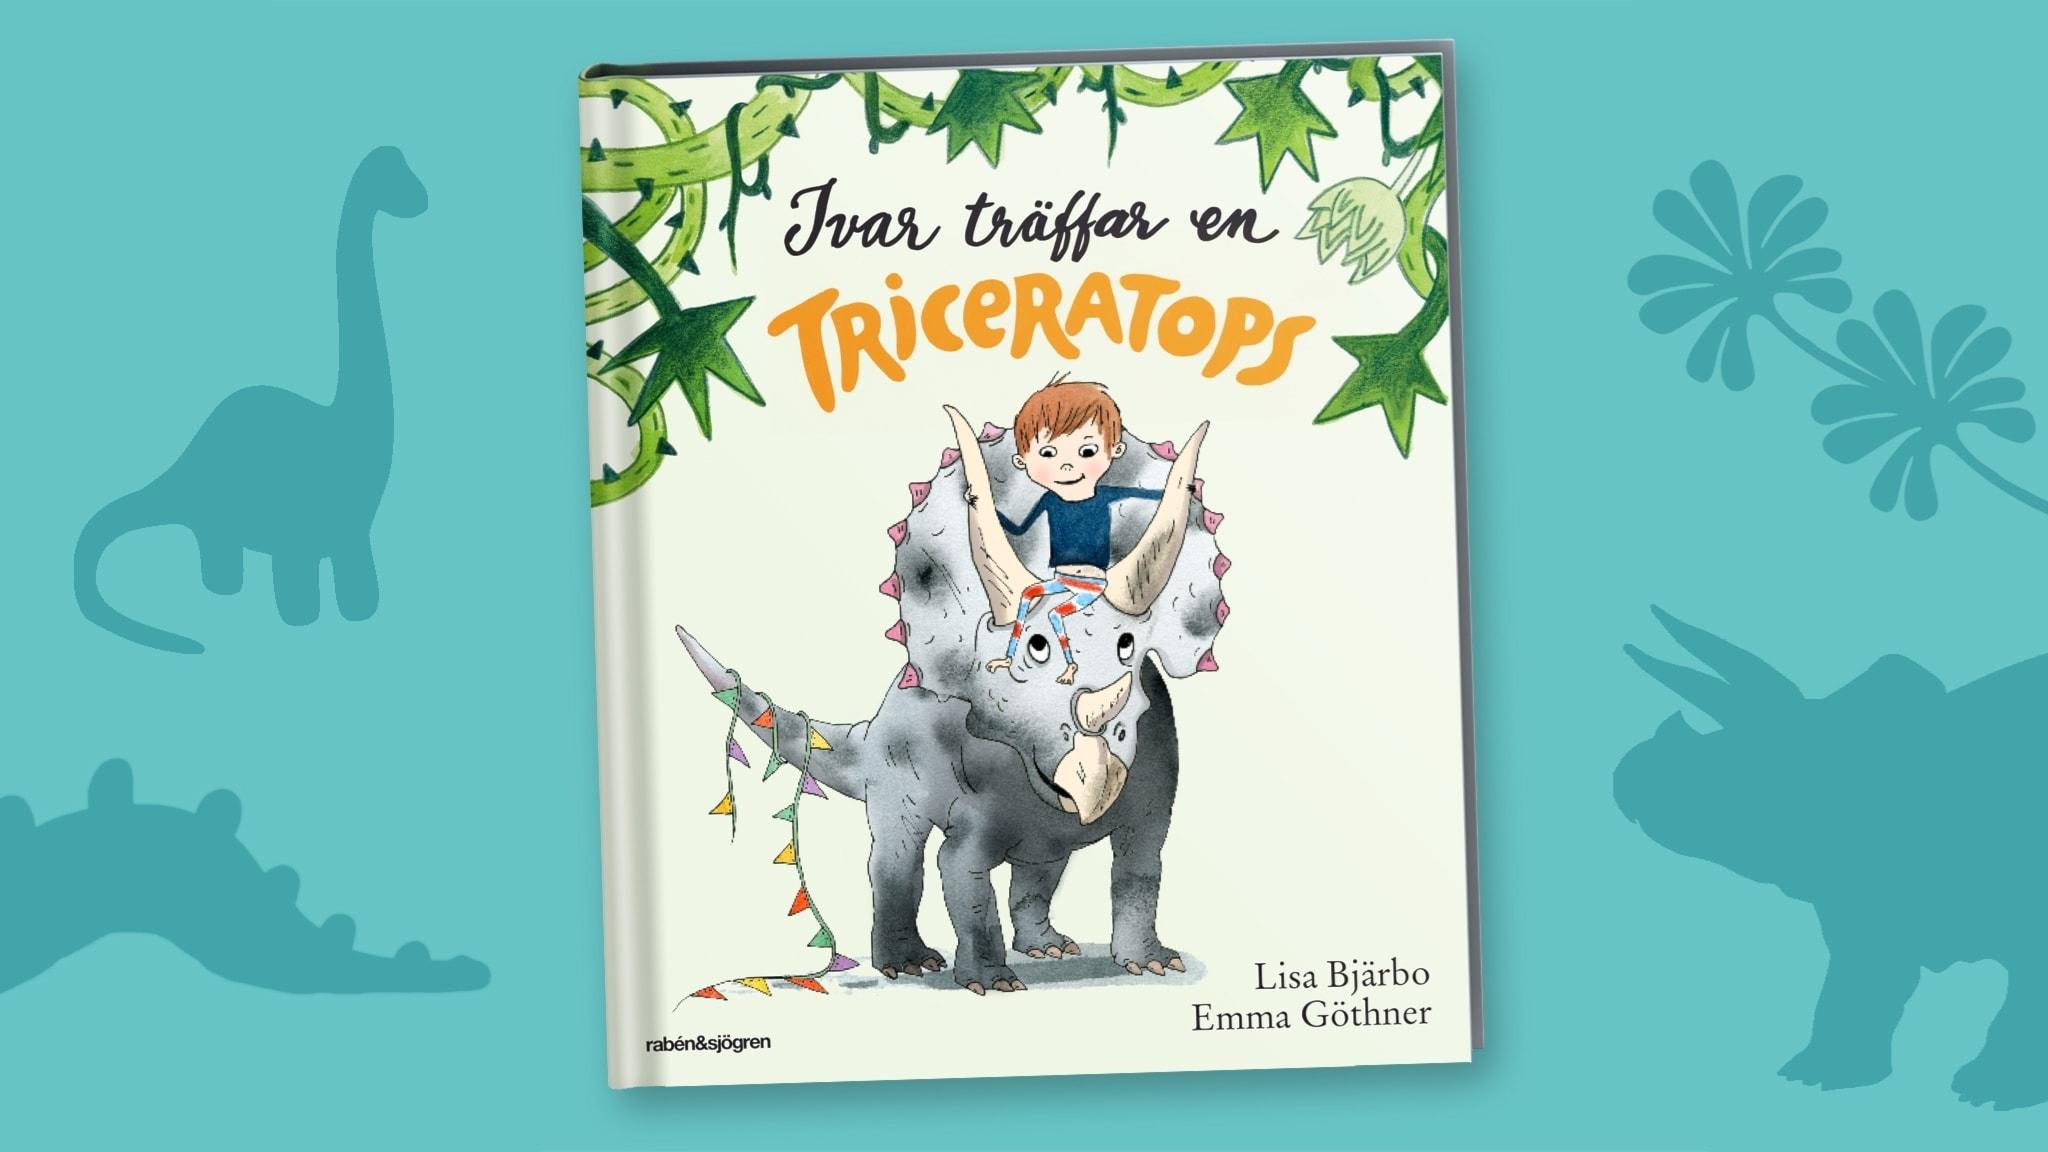 Saga: Ivar träffar en Triceratops